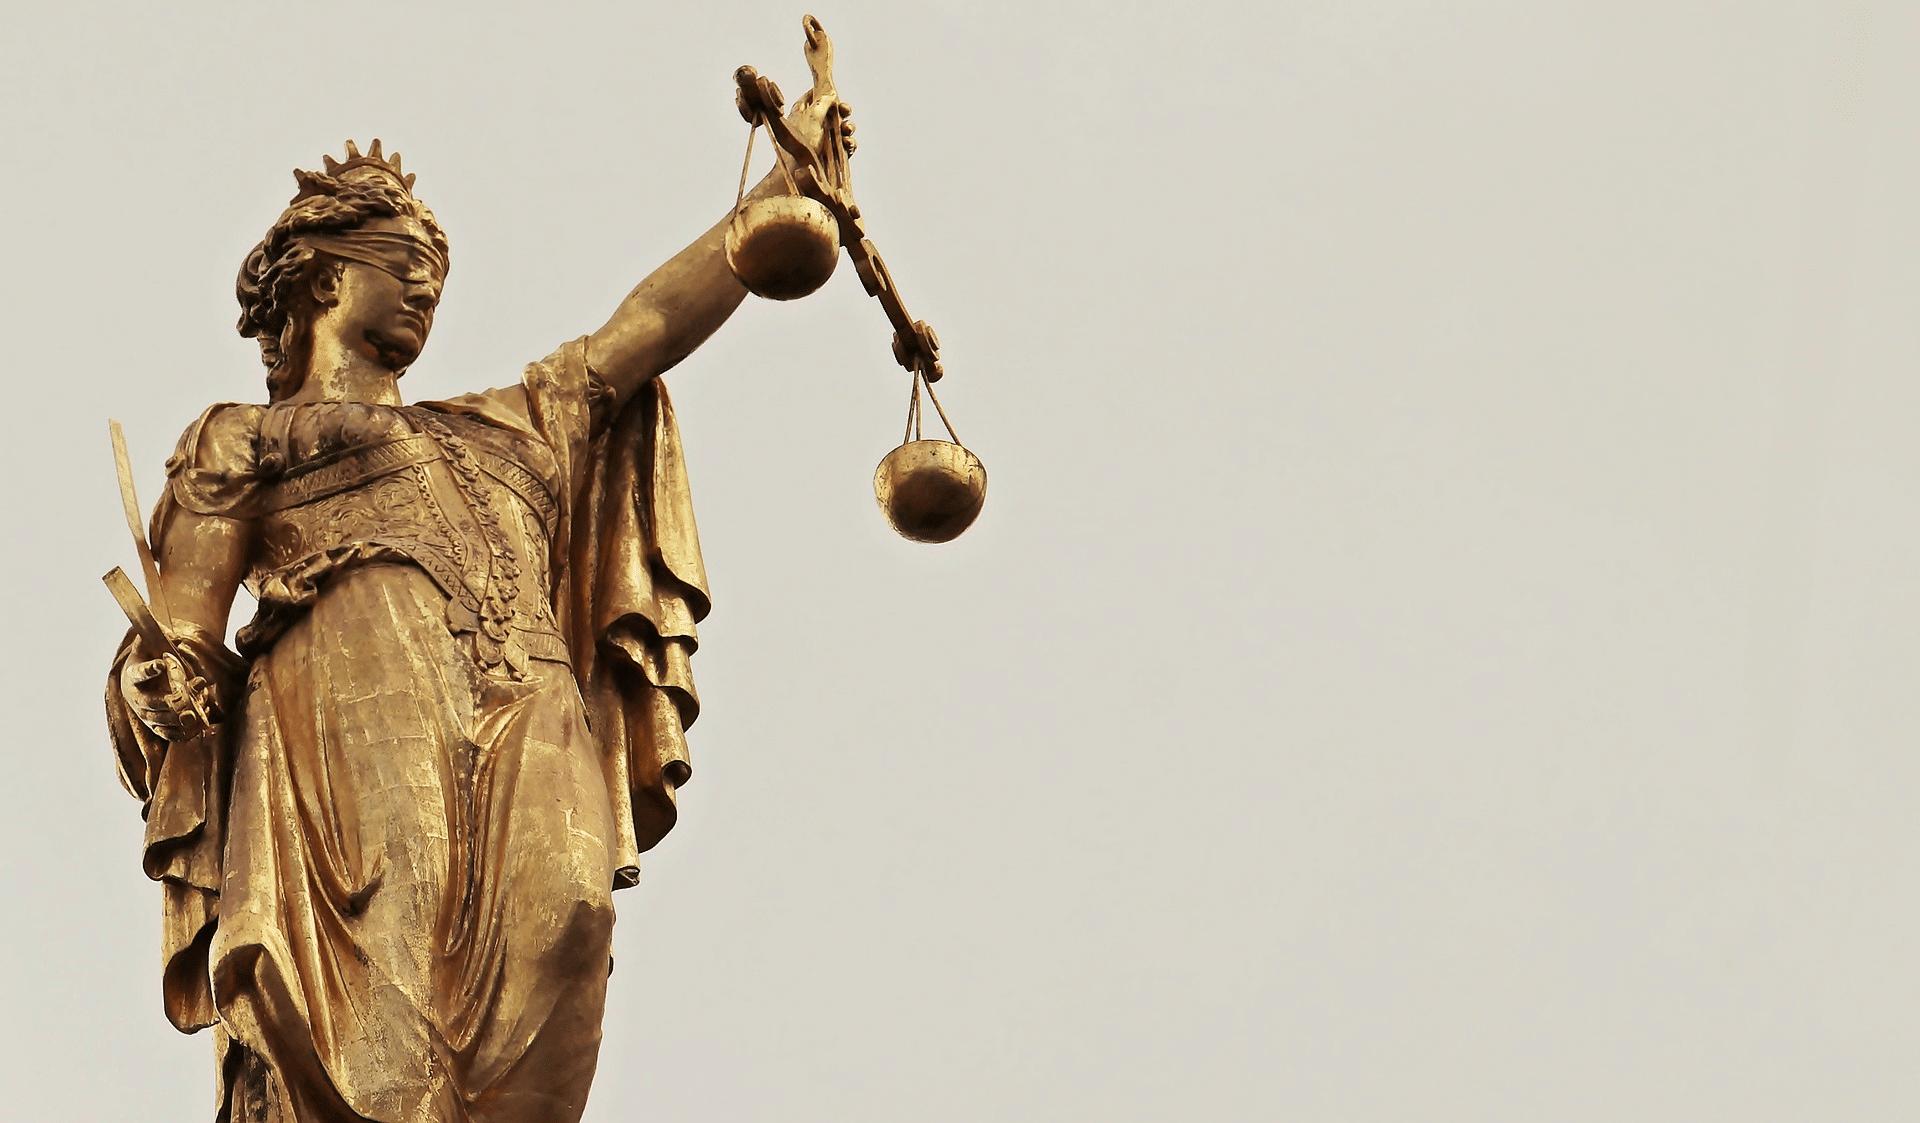 Illinois loi 18 ans datant de 16 ans datant marchant sur des coquilles d'oeuf